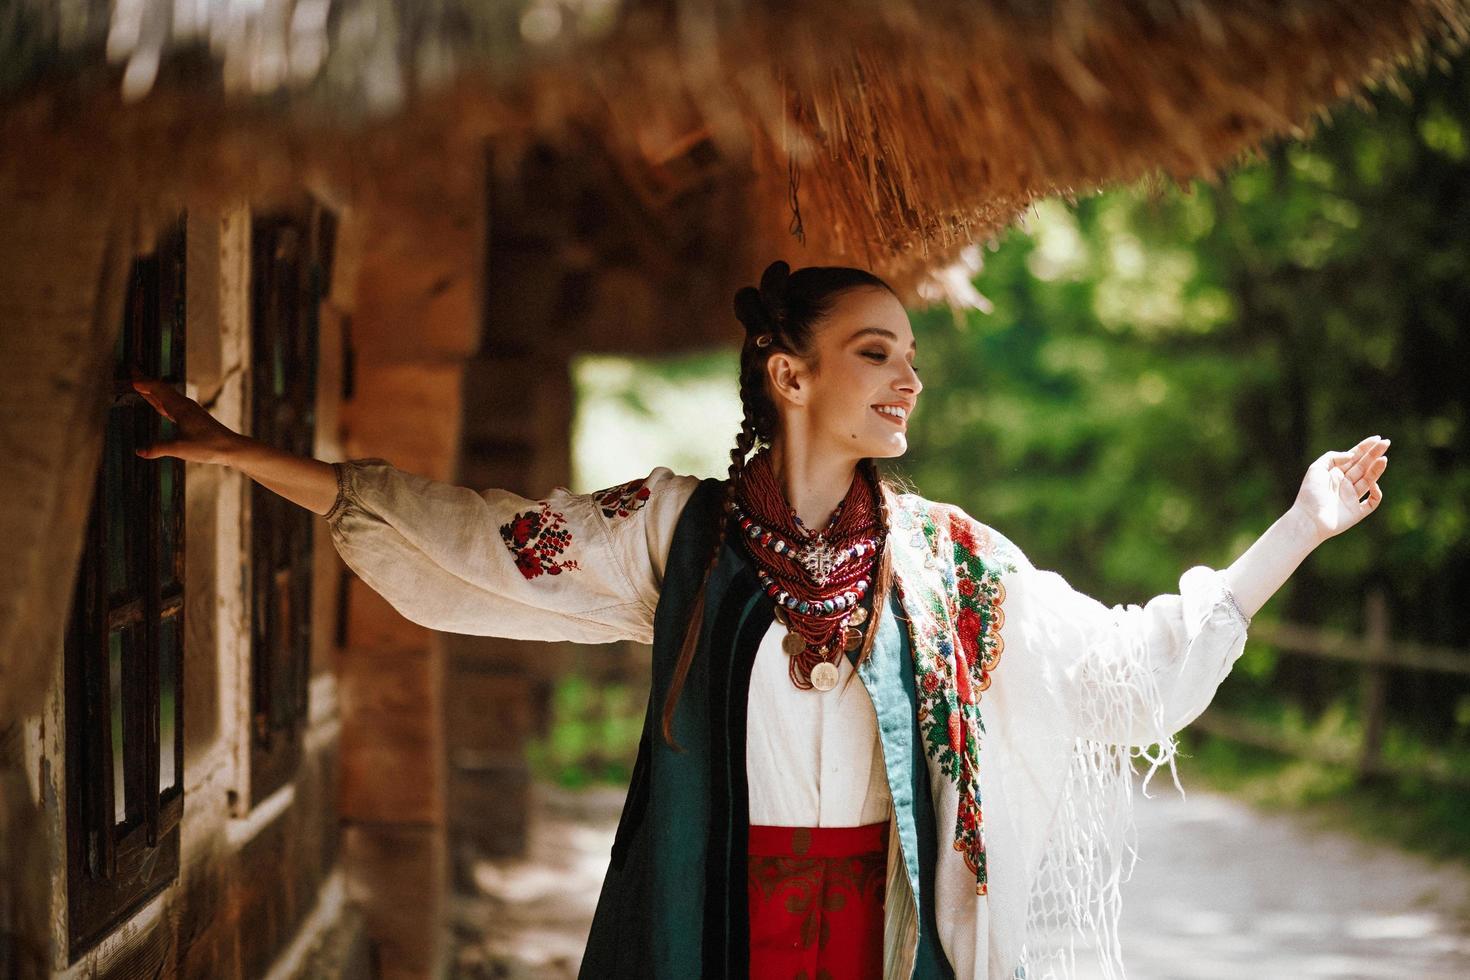 belle fille dans une robe ukrainienne traditionnelle danse et sourit photo